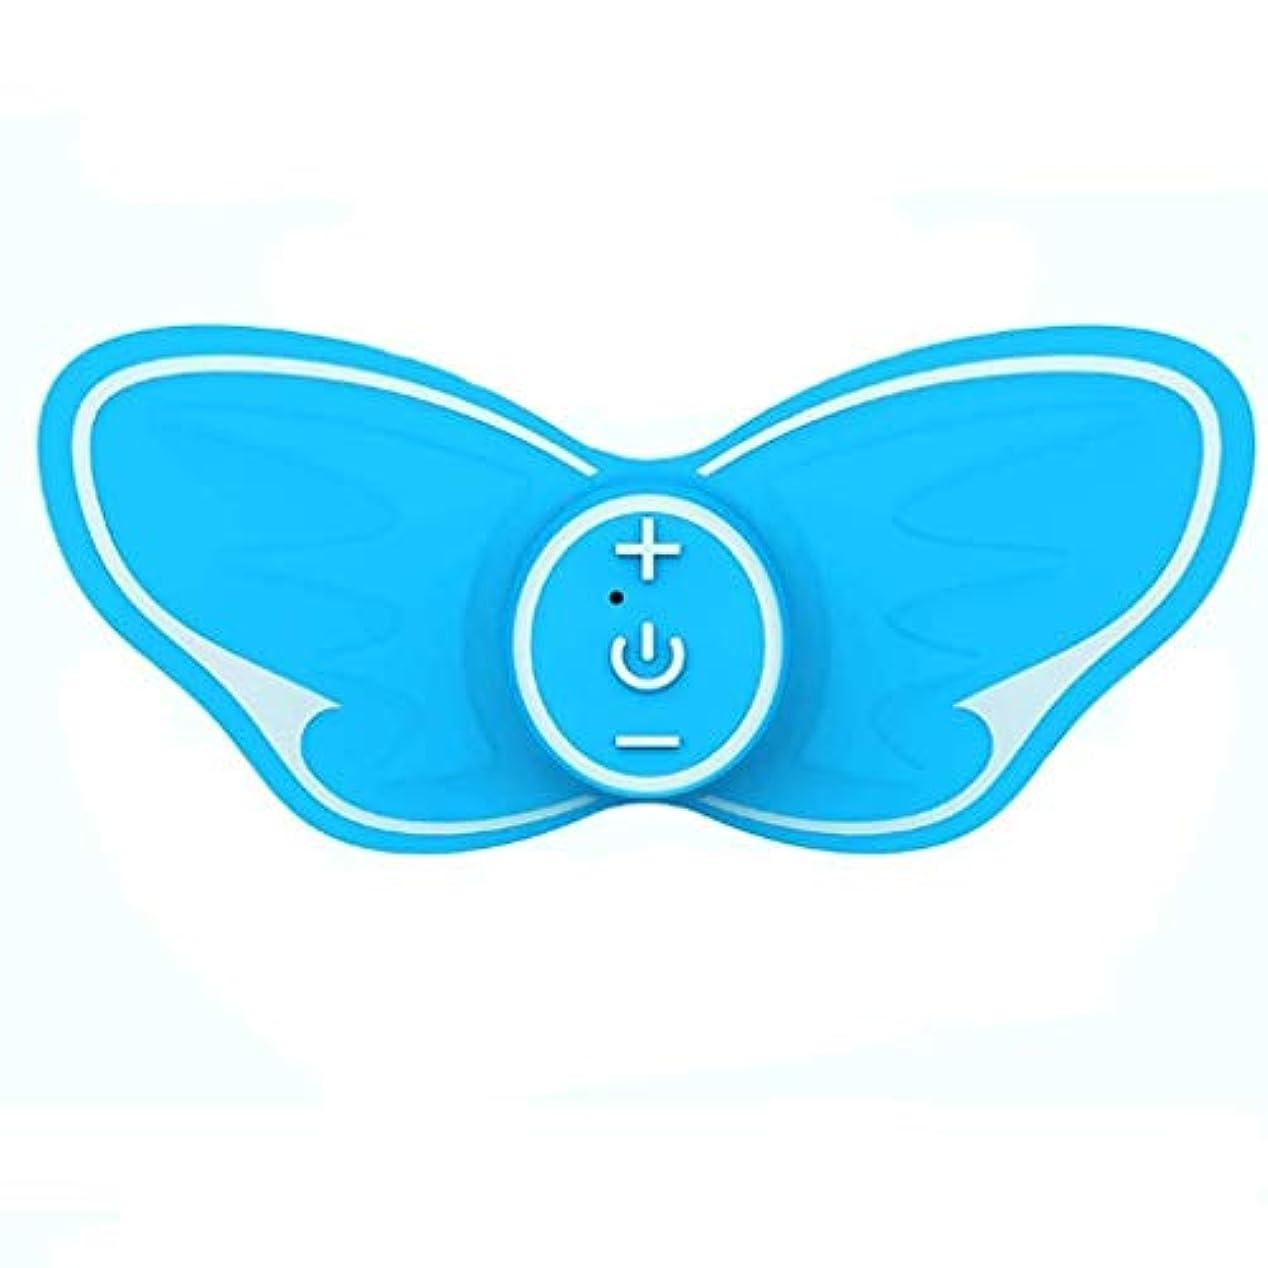 代替全く兄電動ネックマッサージャー、スマートミニネックフィンガープレッシャーマッサージスティック、USB充電、加熱/ディープニーディングボディマッサージ、ポータブル (Color : 青)